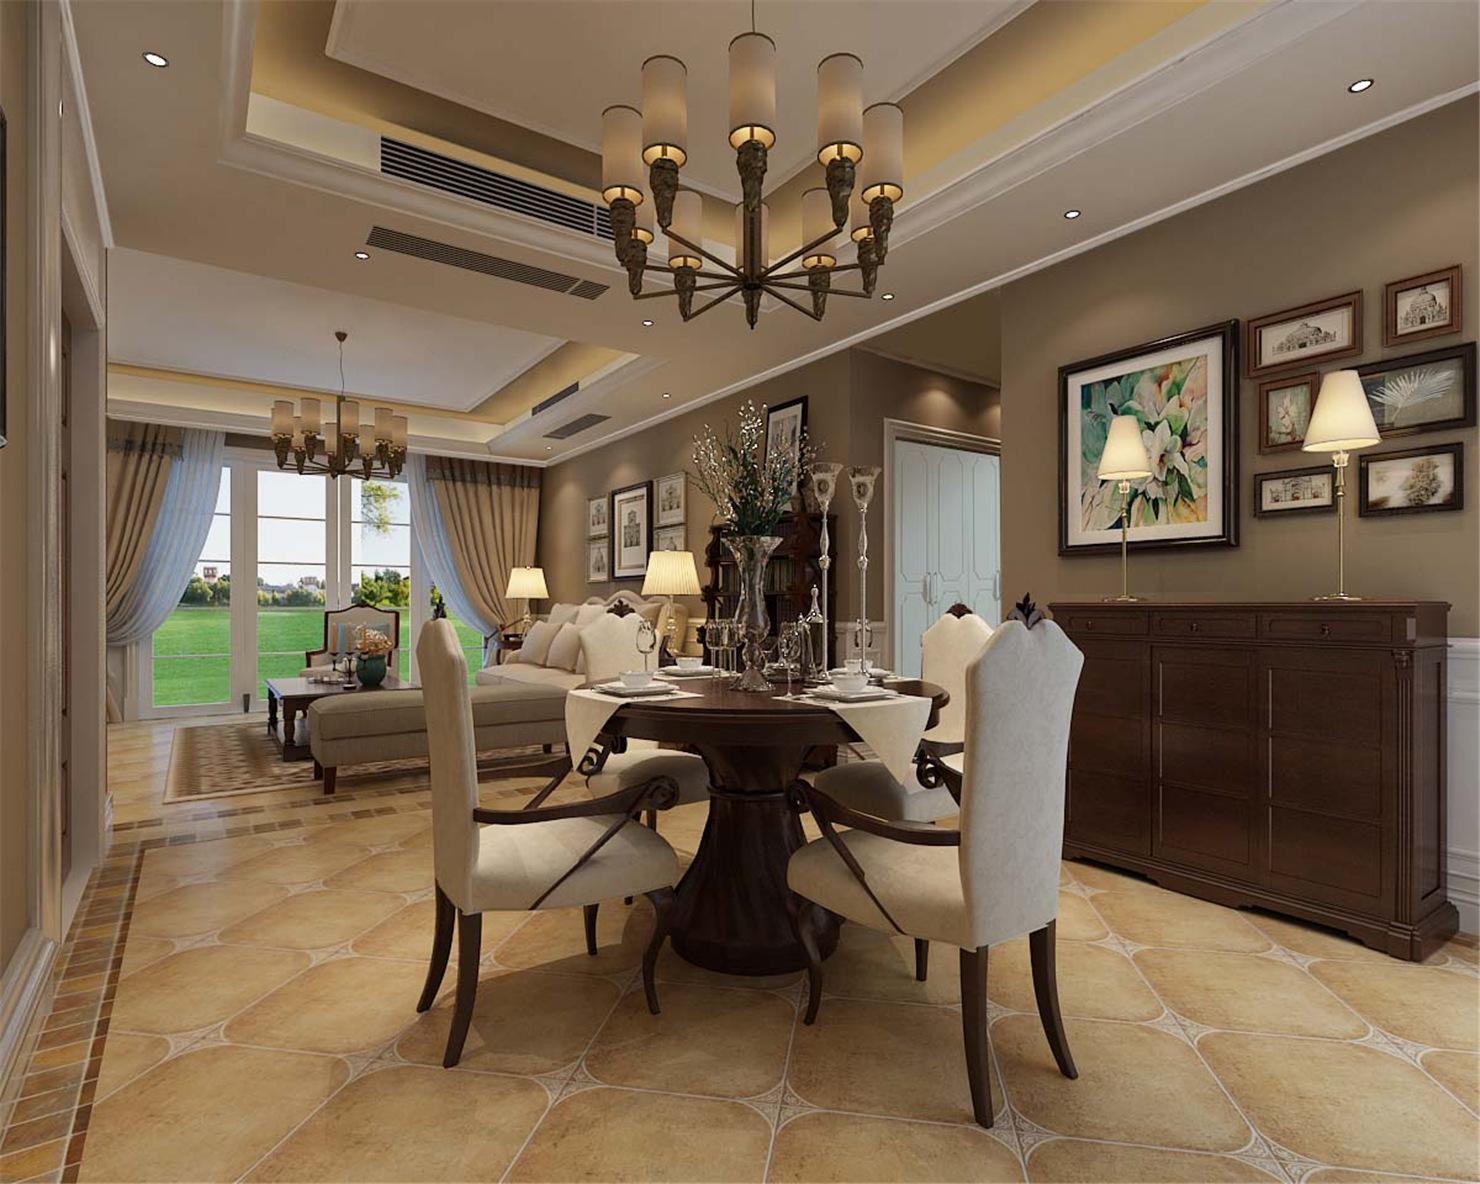 古北大城公 装修设计 简约欧式 腾龙设计 季蓓菁作品 餐厅图片来自腾龙设计在古北大成公寓装修简约欧式风格的分享